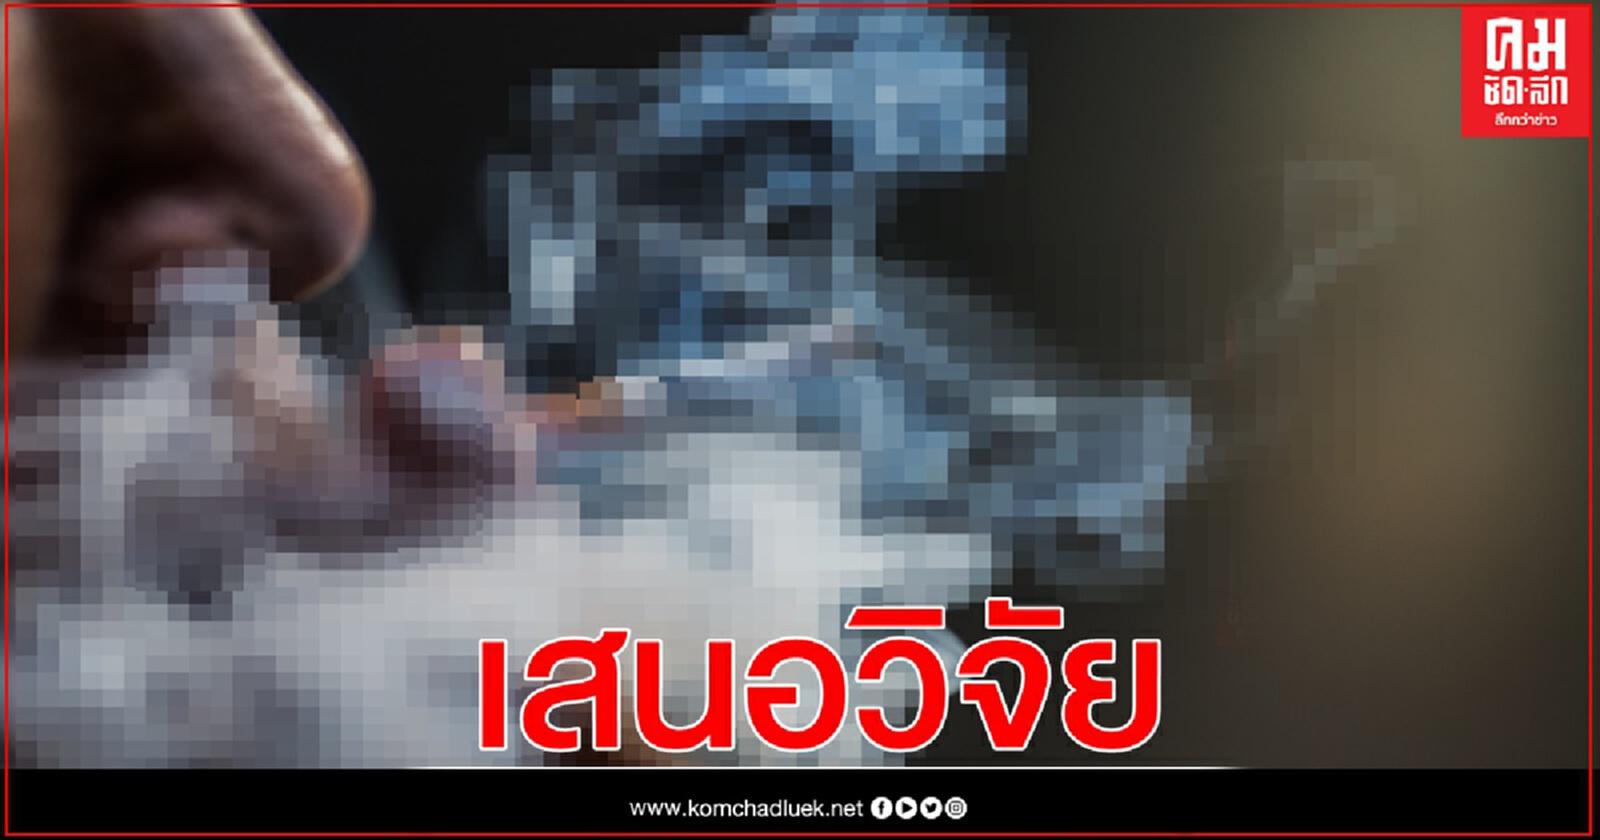 ส.ส.ก้าวไกล เสนอถกงานวิจัยปลดล็อกบุหรี่ไฟฟ้า หลังนักวิชาการต่างชาติวิจารณ์ไทยล้มเหลวลดผู้สูบบุหรี่